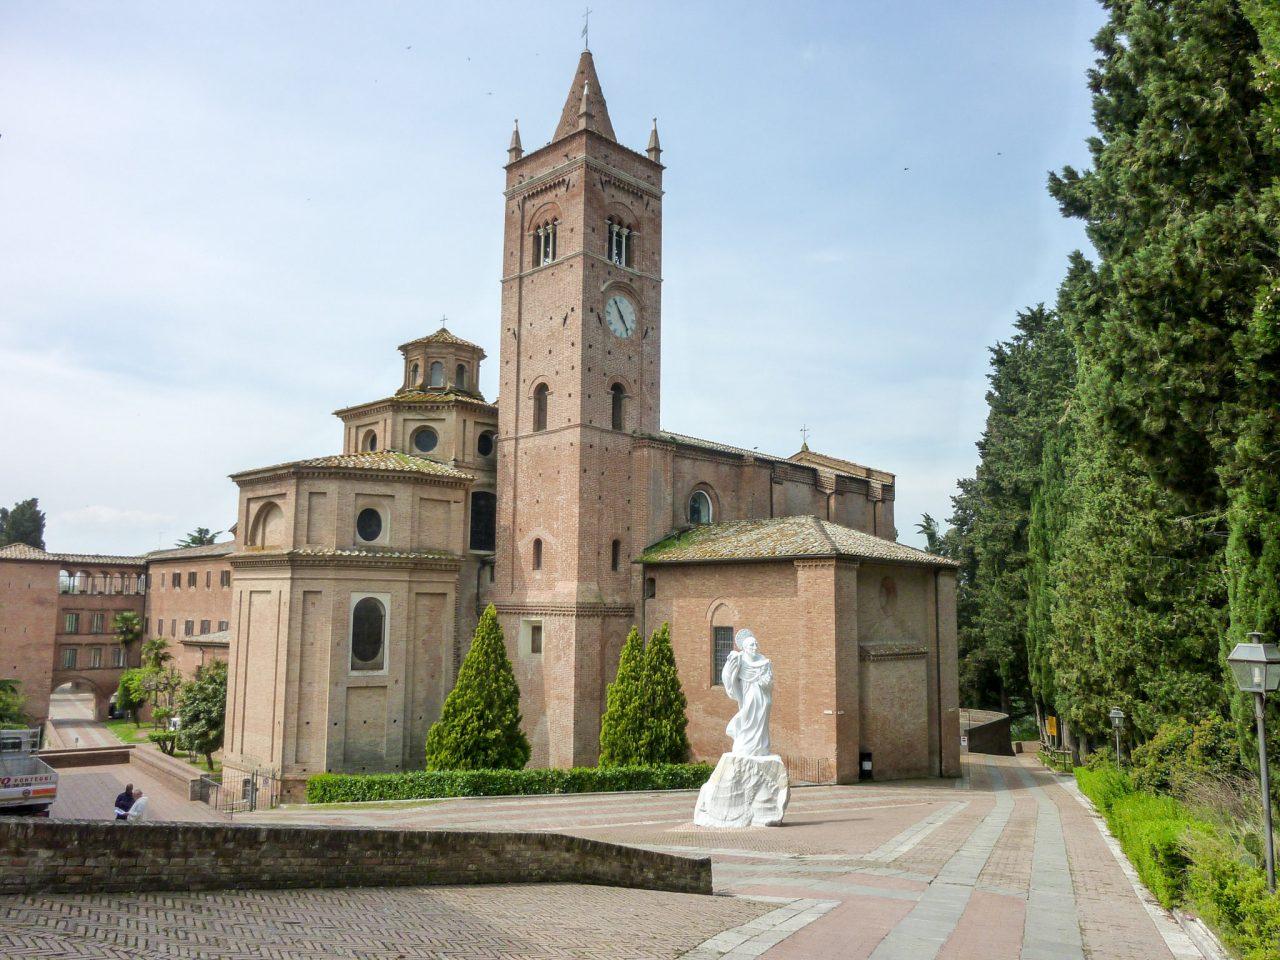 Монте-Оливето-Маджоре (Monte Oliveto Maggiore)